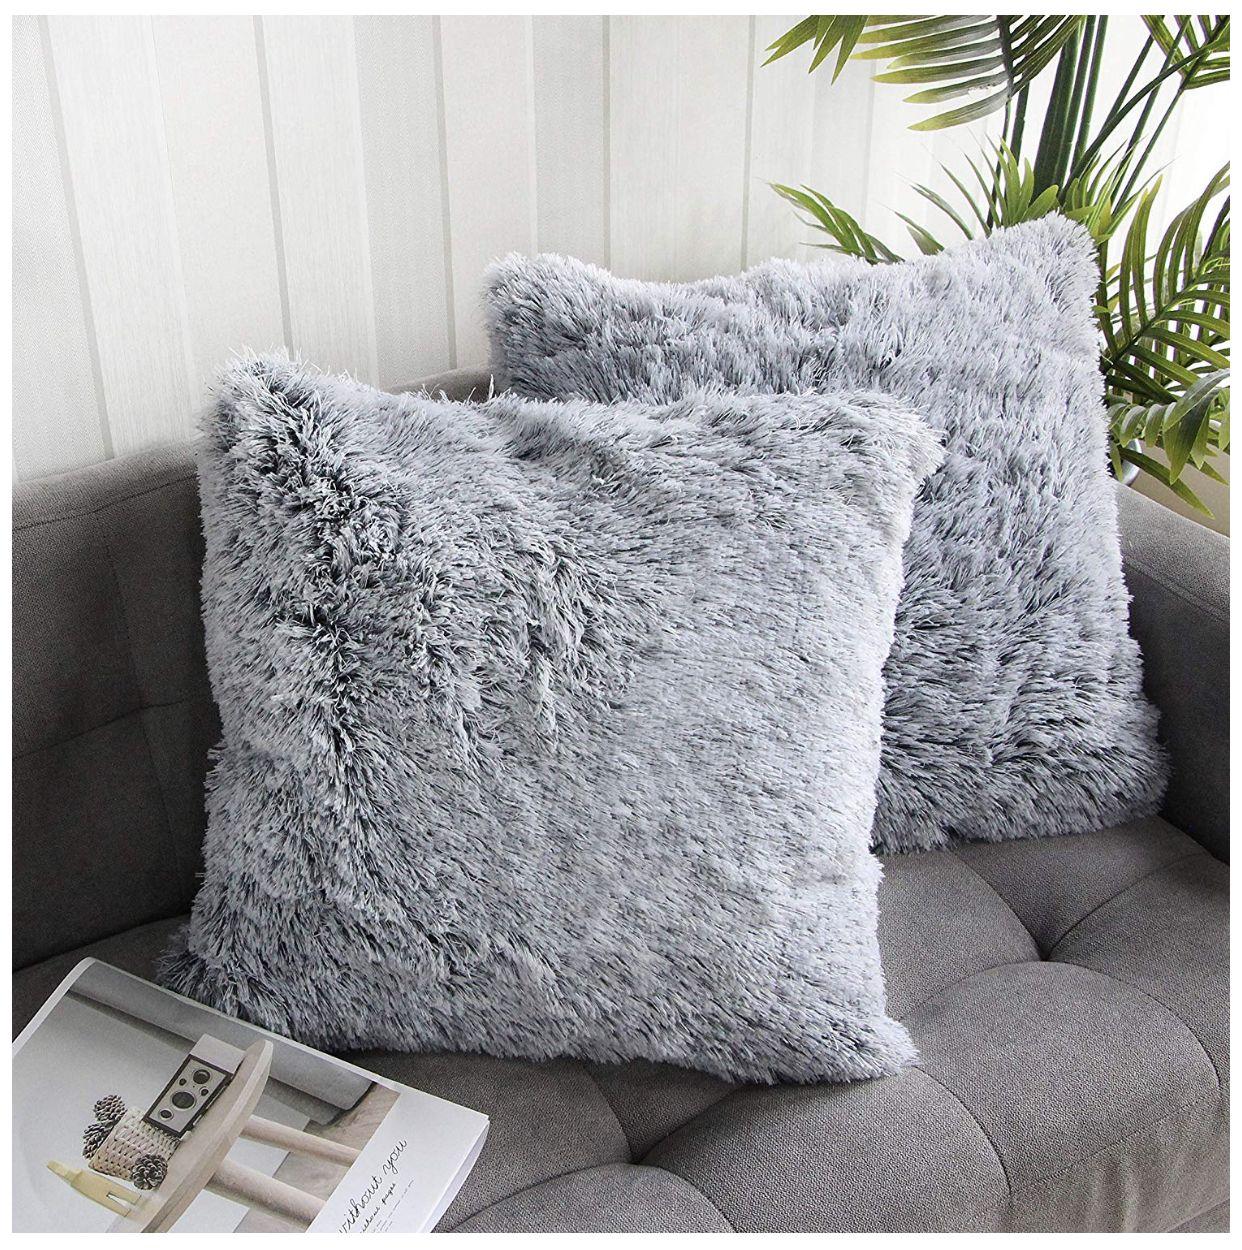 Fluffy Grey Pillows | Gray toss pillows